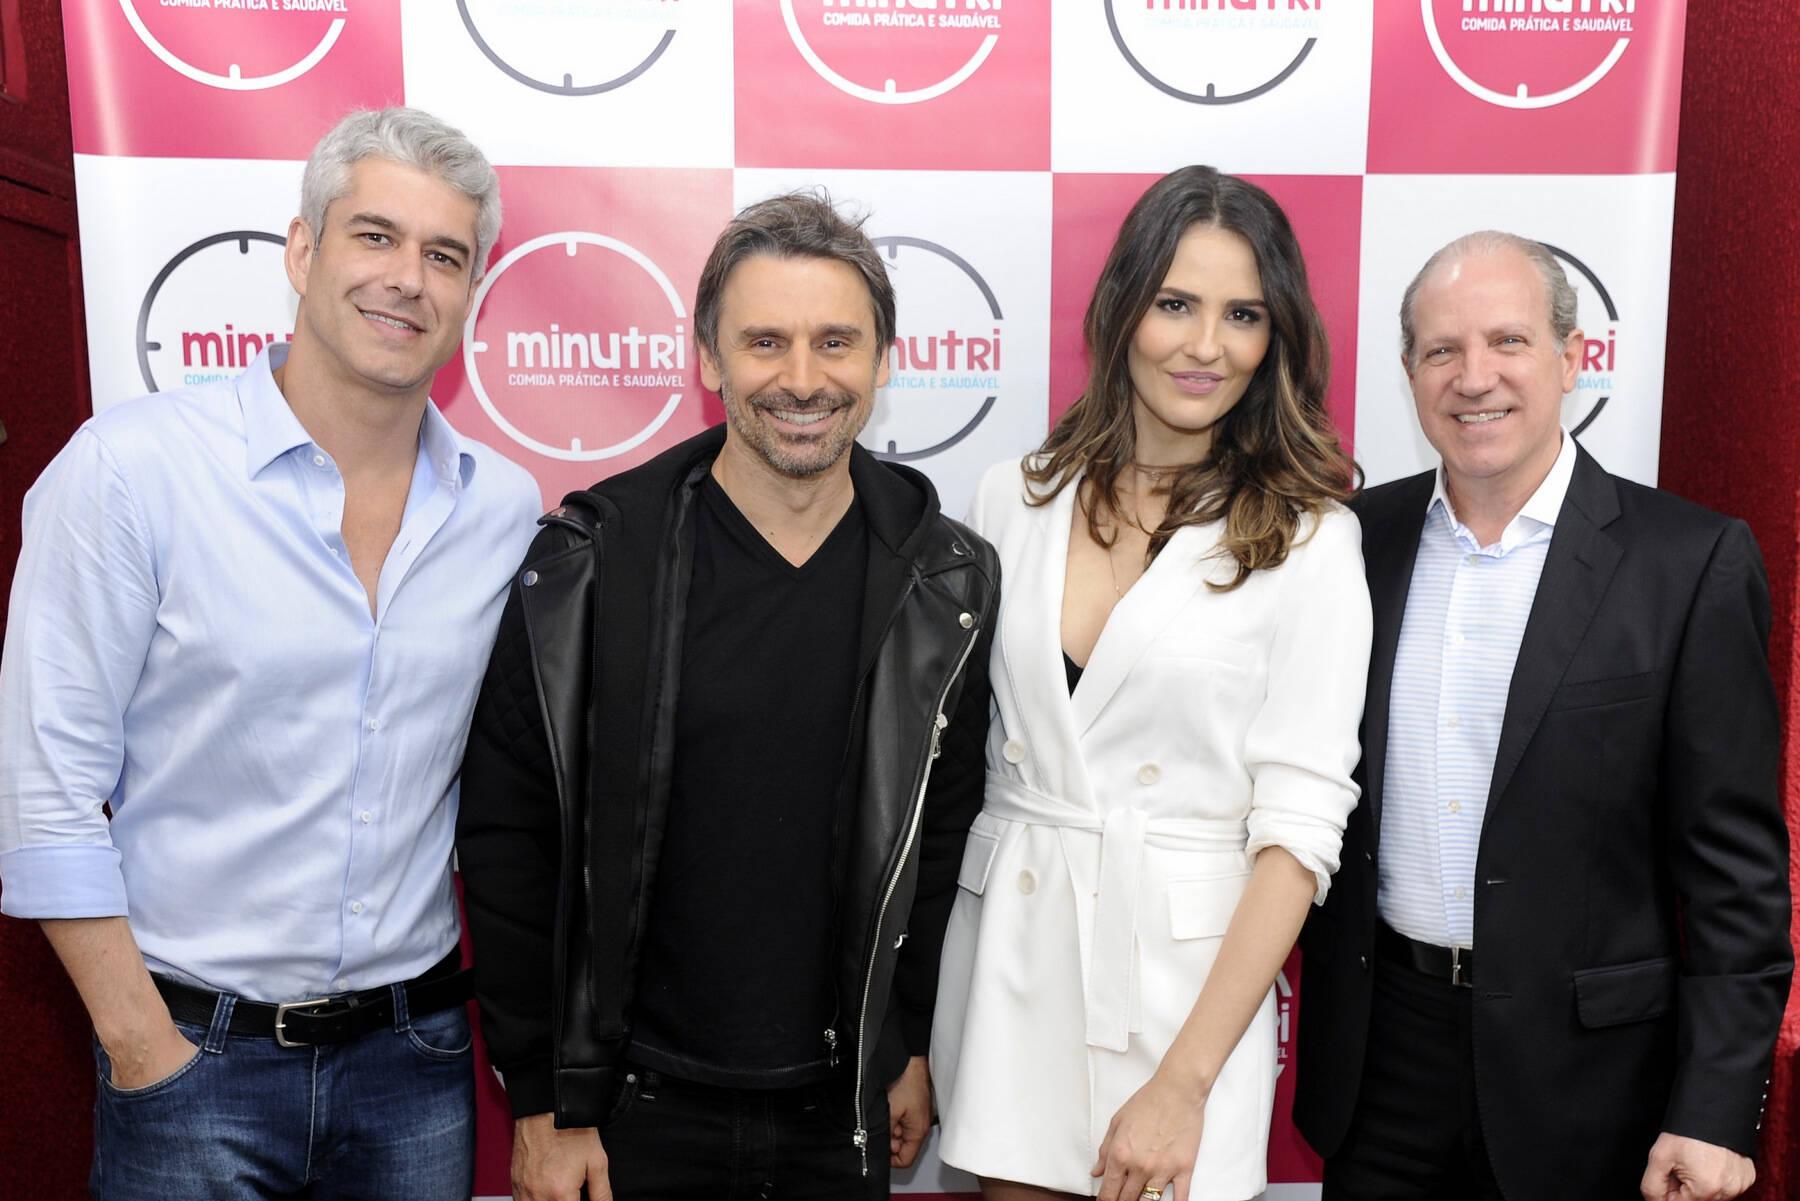 Murilo Rosa e Fernanda Tavares fazem evento em São Paulo. Foto: André Loretti